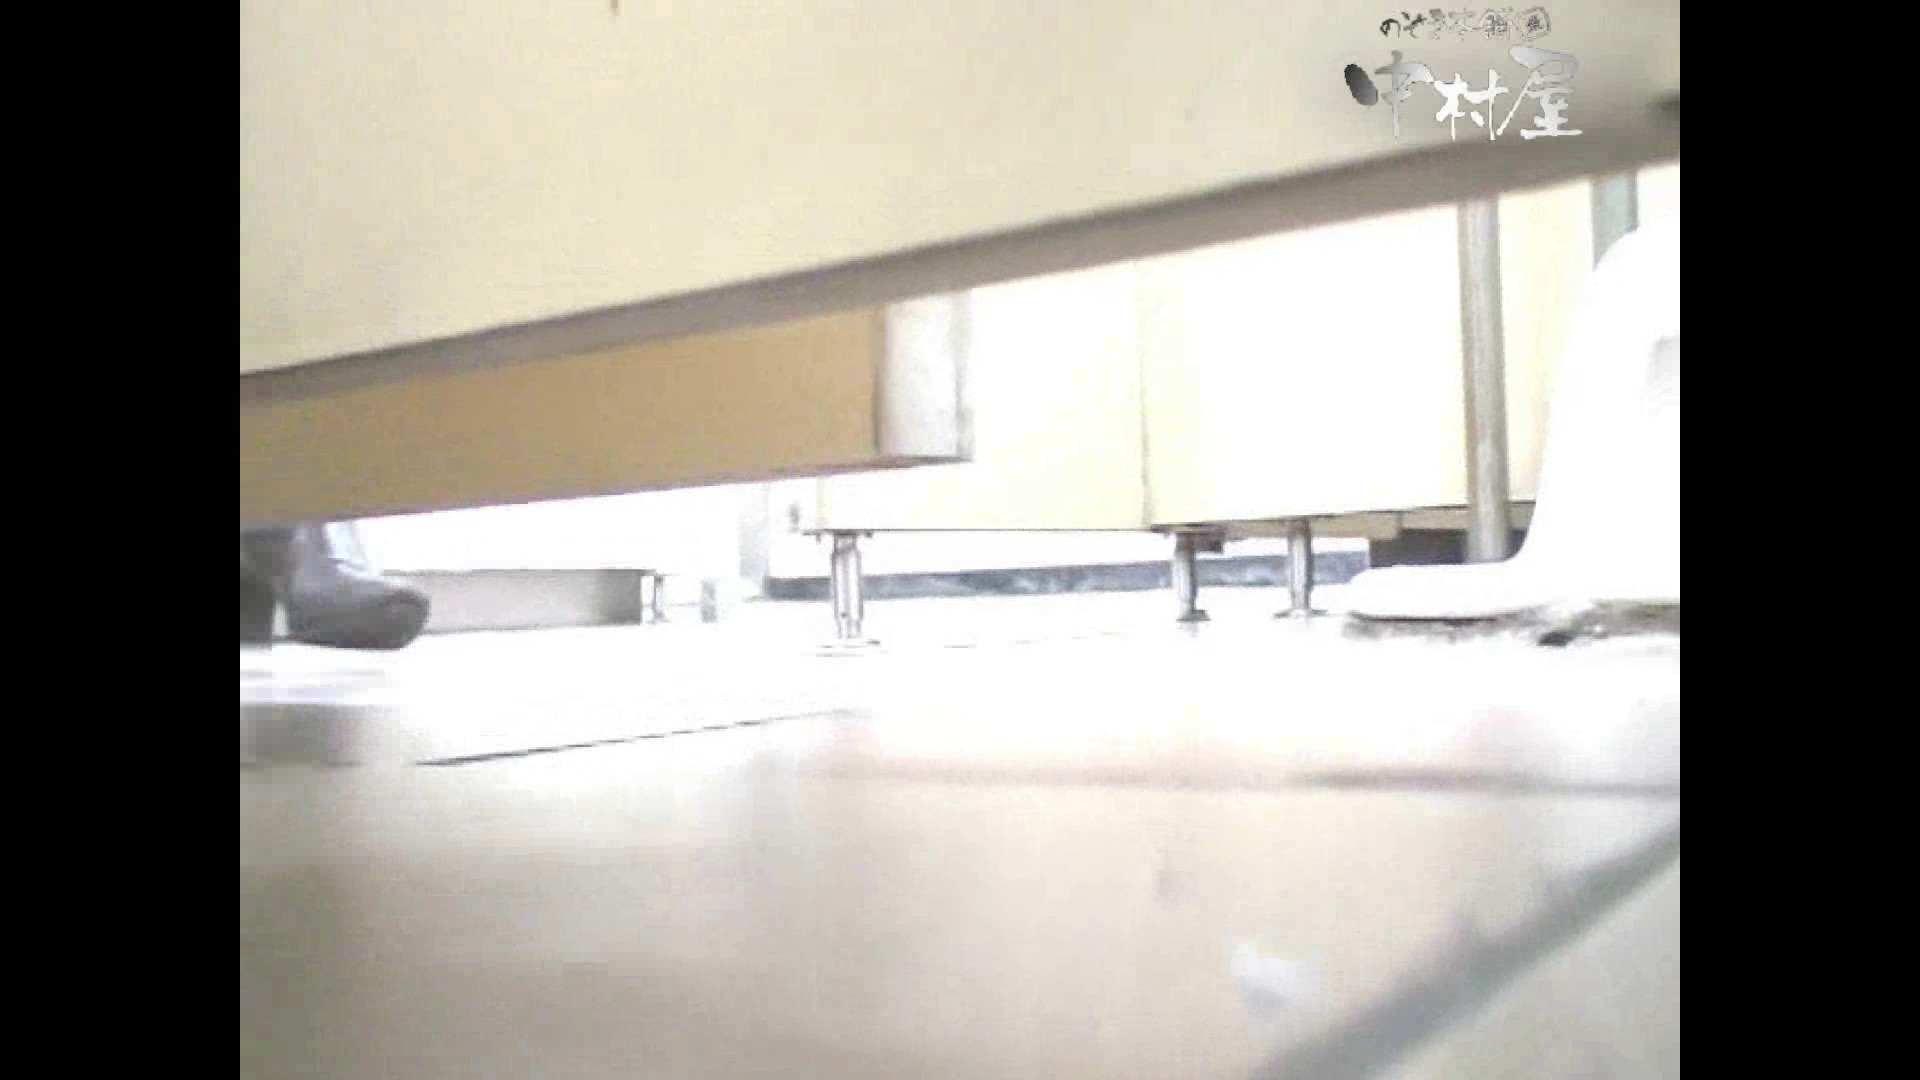 岩手県在住盗撮師盗撮記録vol.38 厠・・・ 盗撮動画紹介 105PIX 14